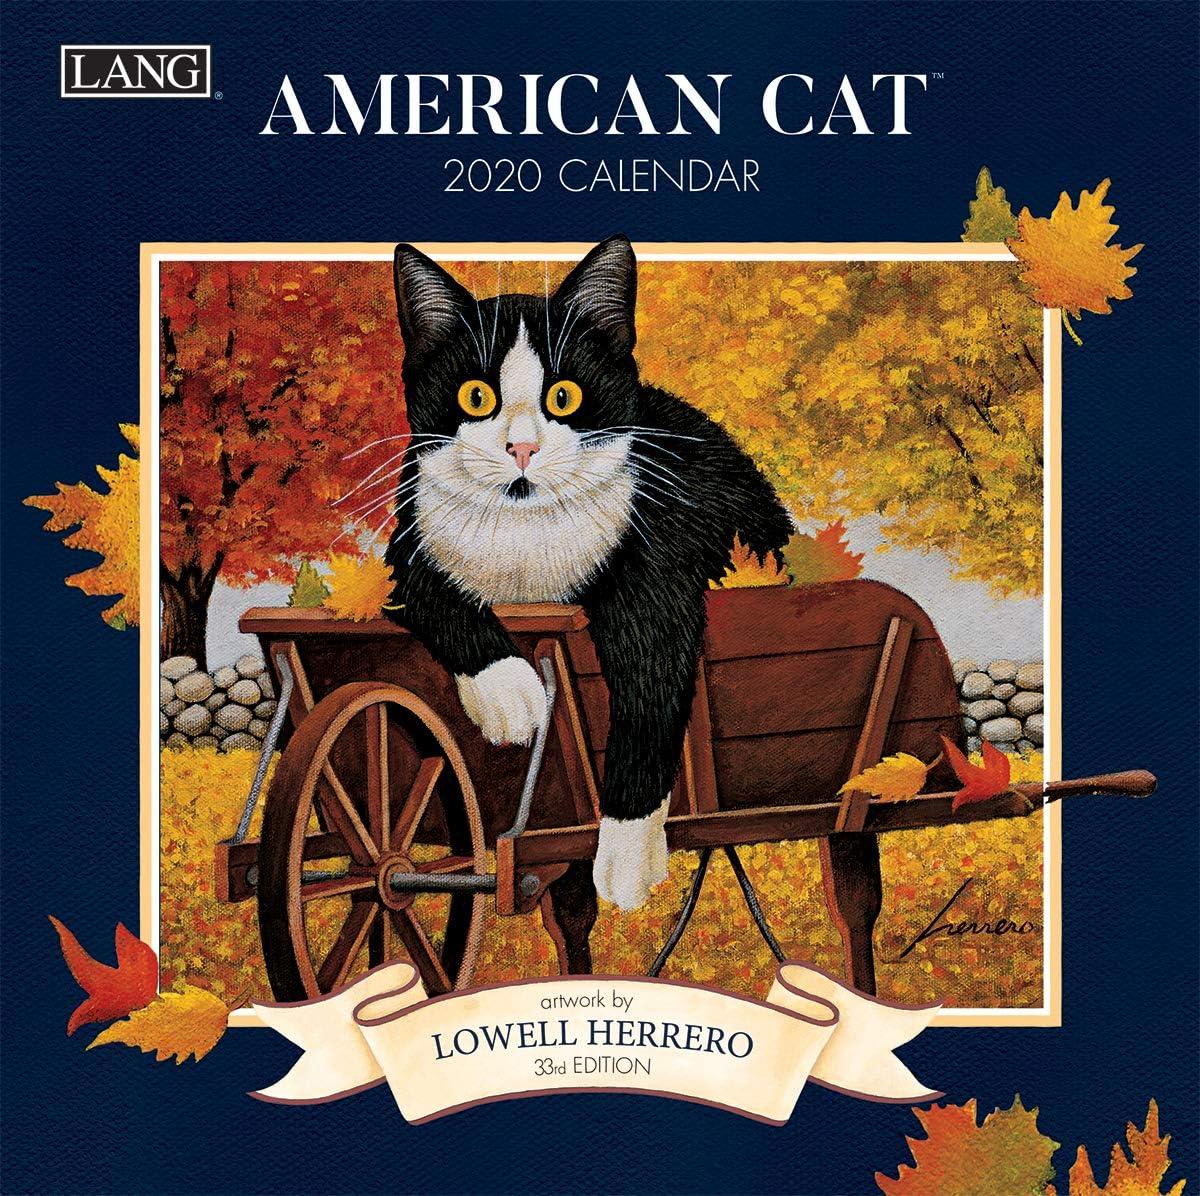 Lang American Cat 2020 Mini Wall Calendar (20991079235)